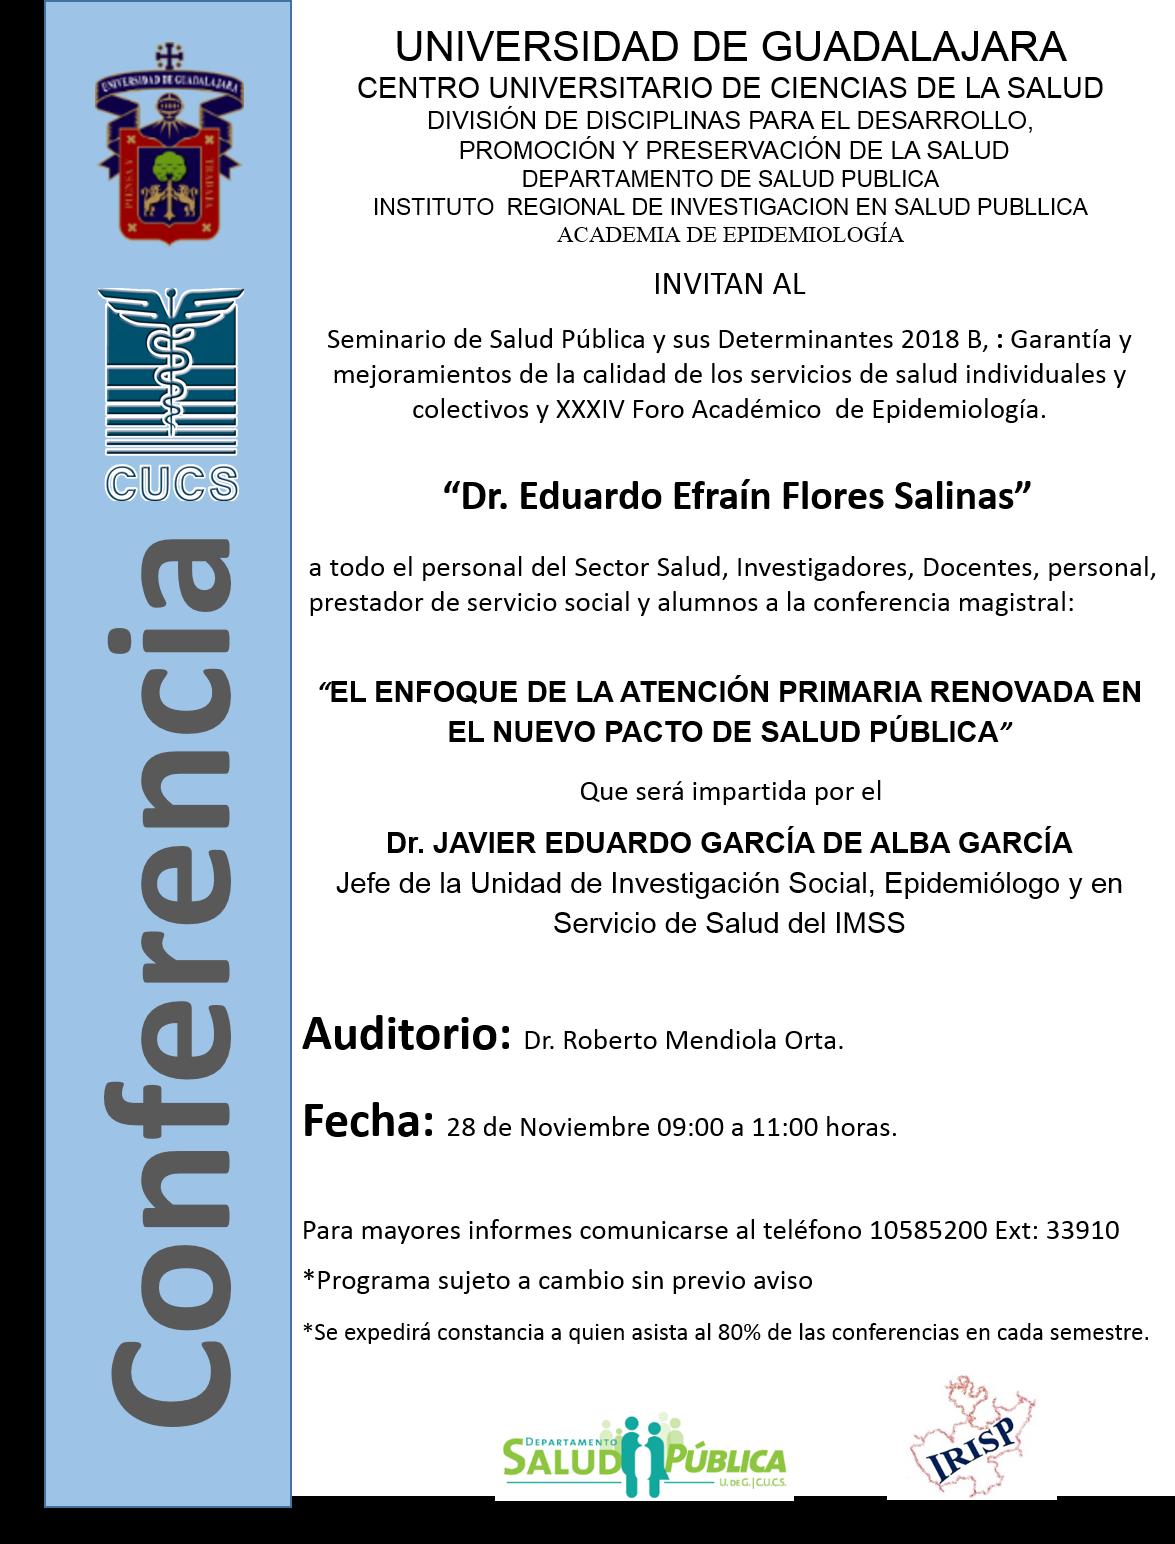 Cartel promocional de la conferencia que dictó el Dr. Javier García de Alba García